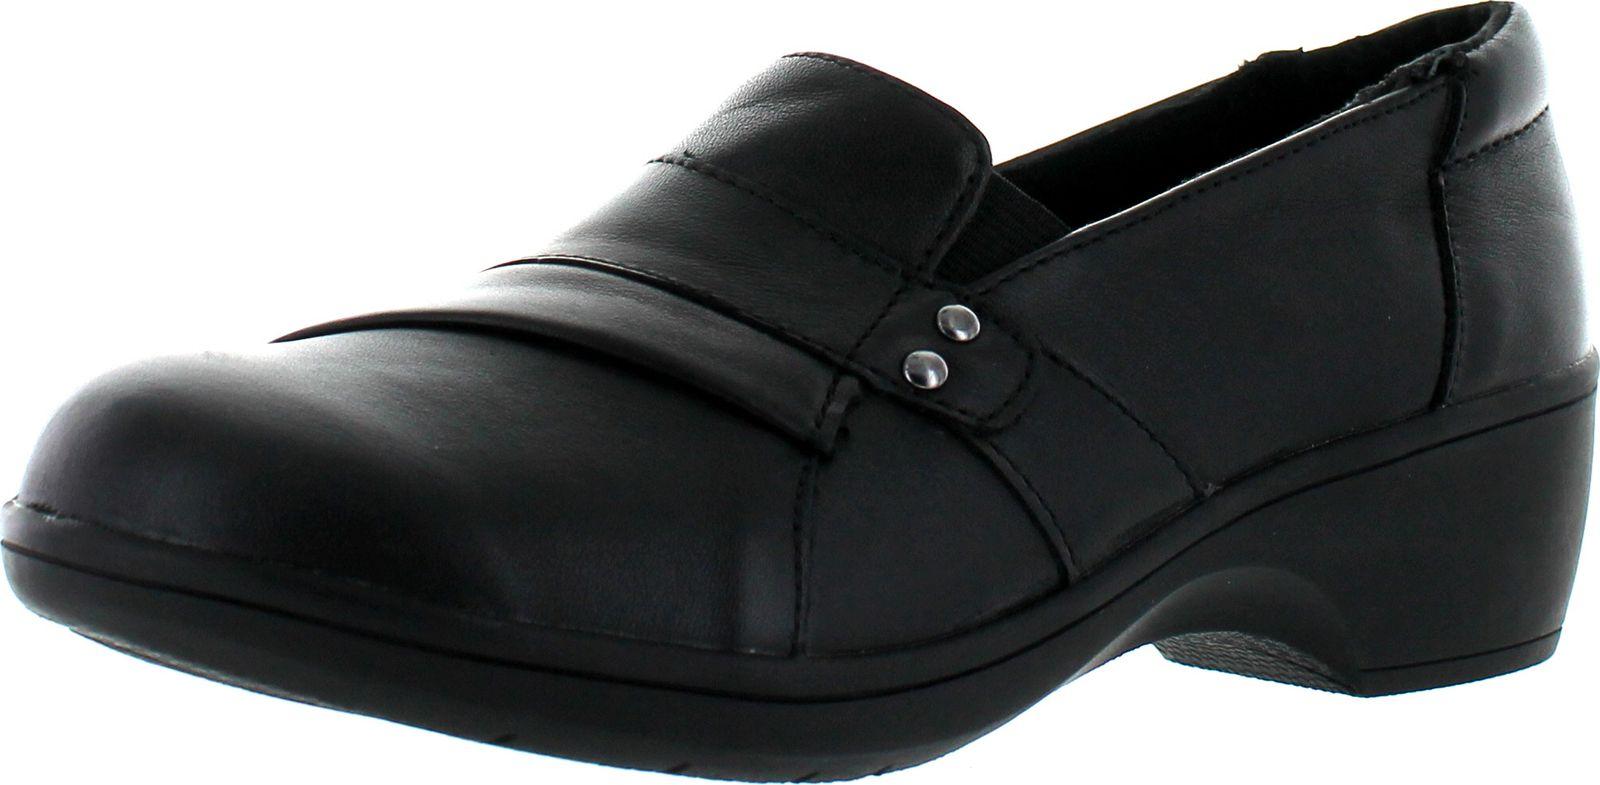 Skechers Flexibles Women S Shoes